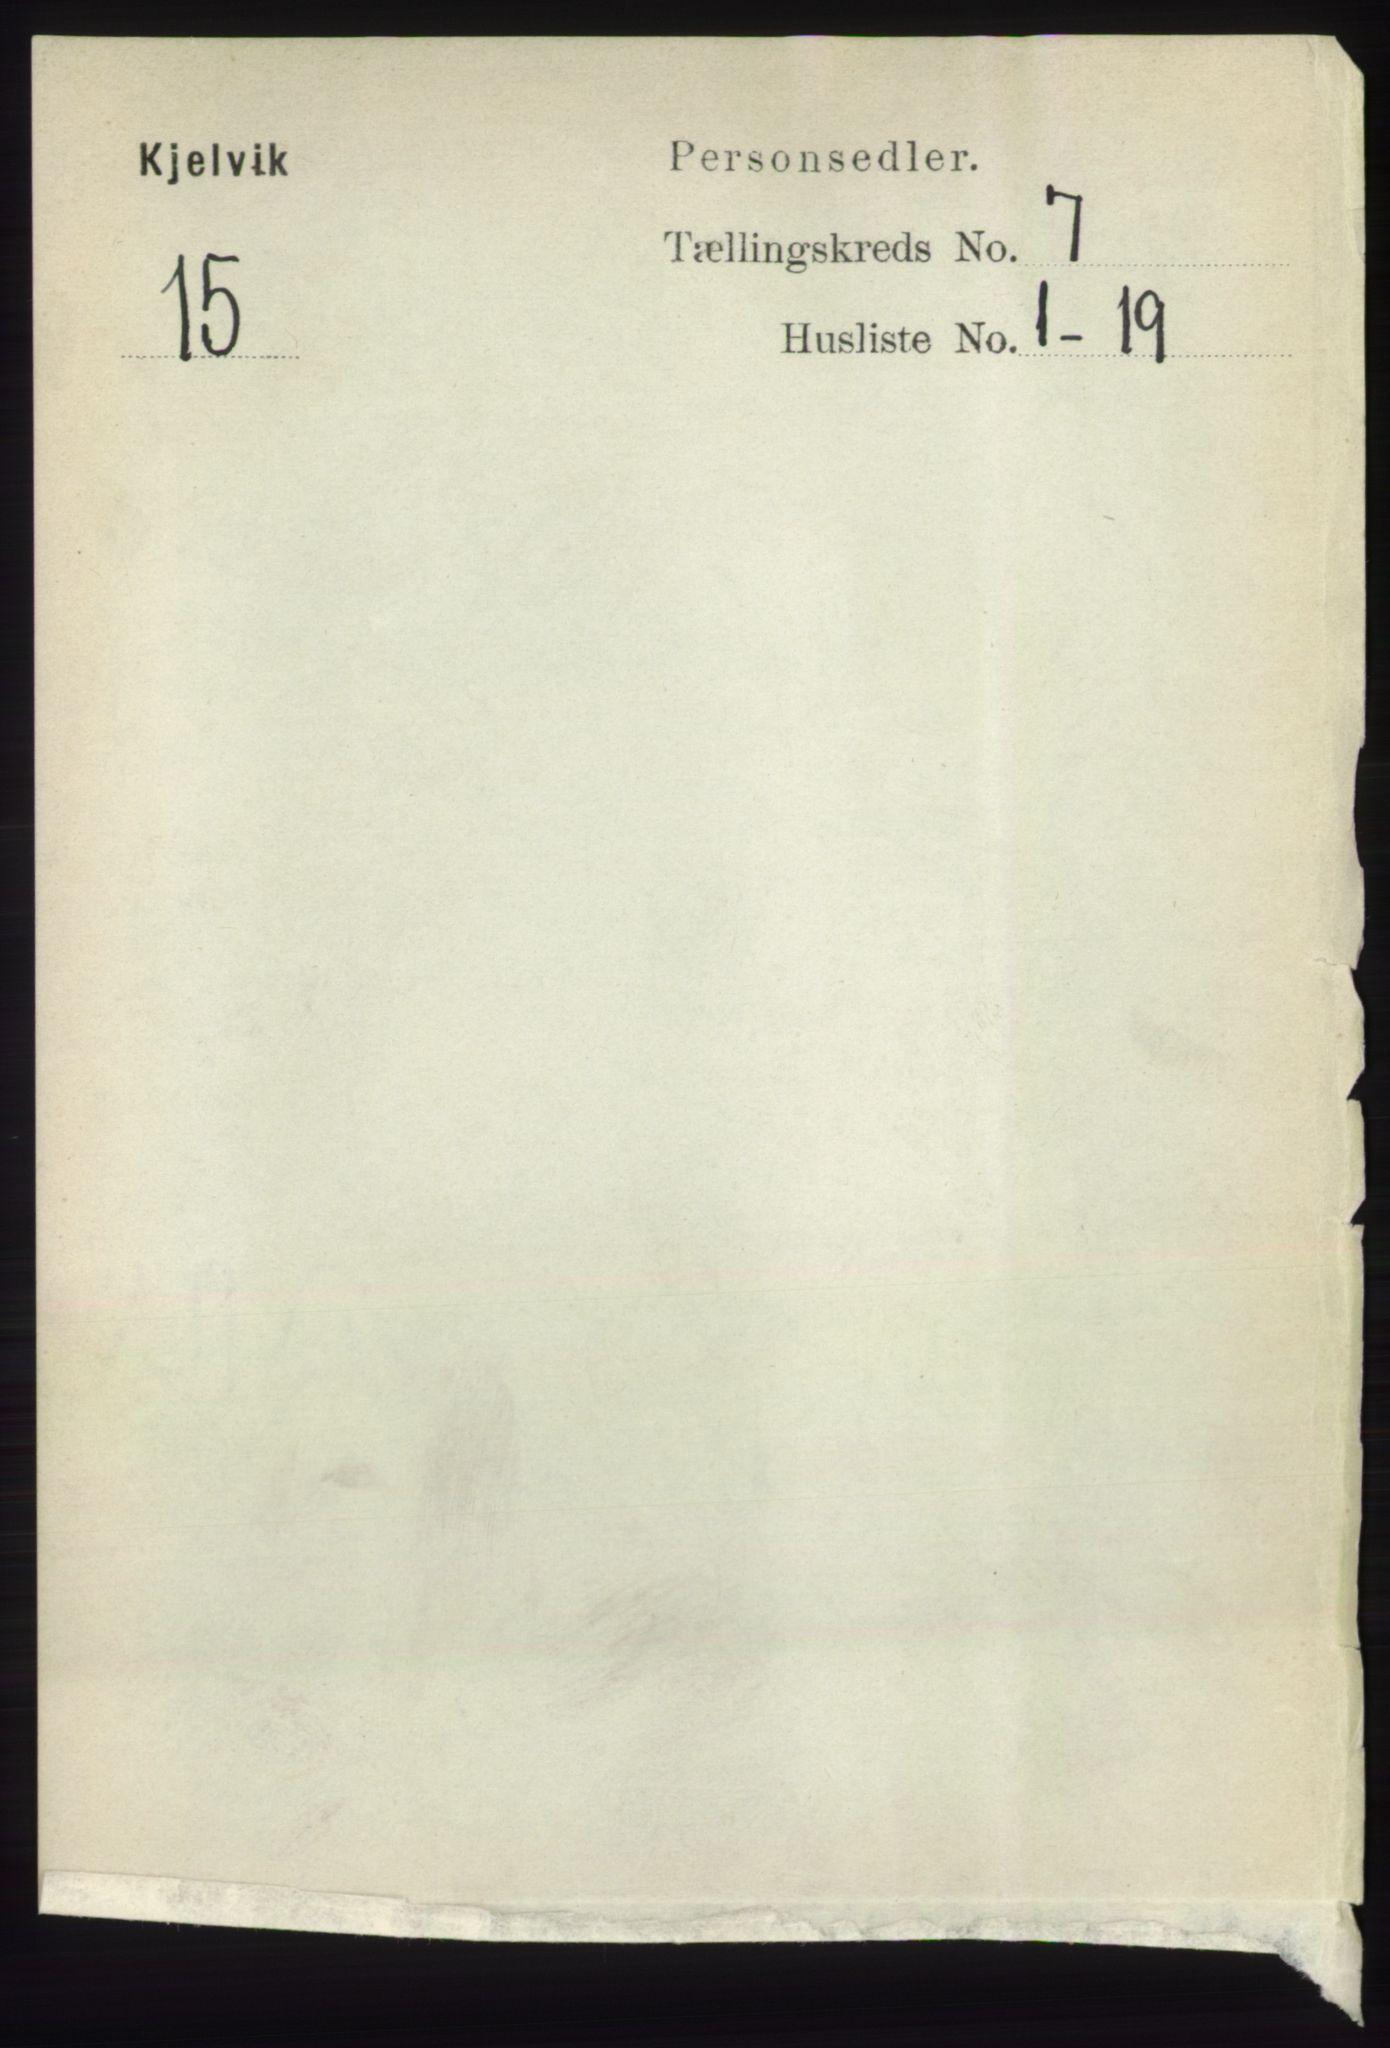 RA, Folketelling 1891 for 2019 Kjelvik herred, 1891, s. 886